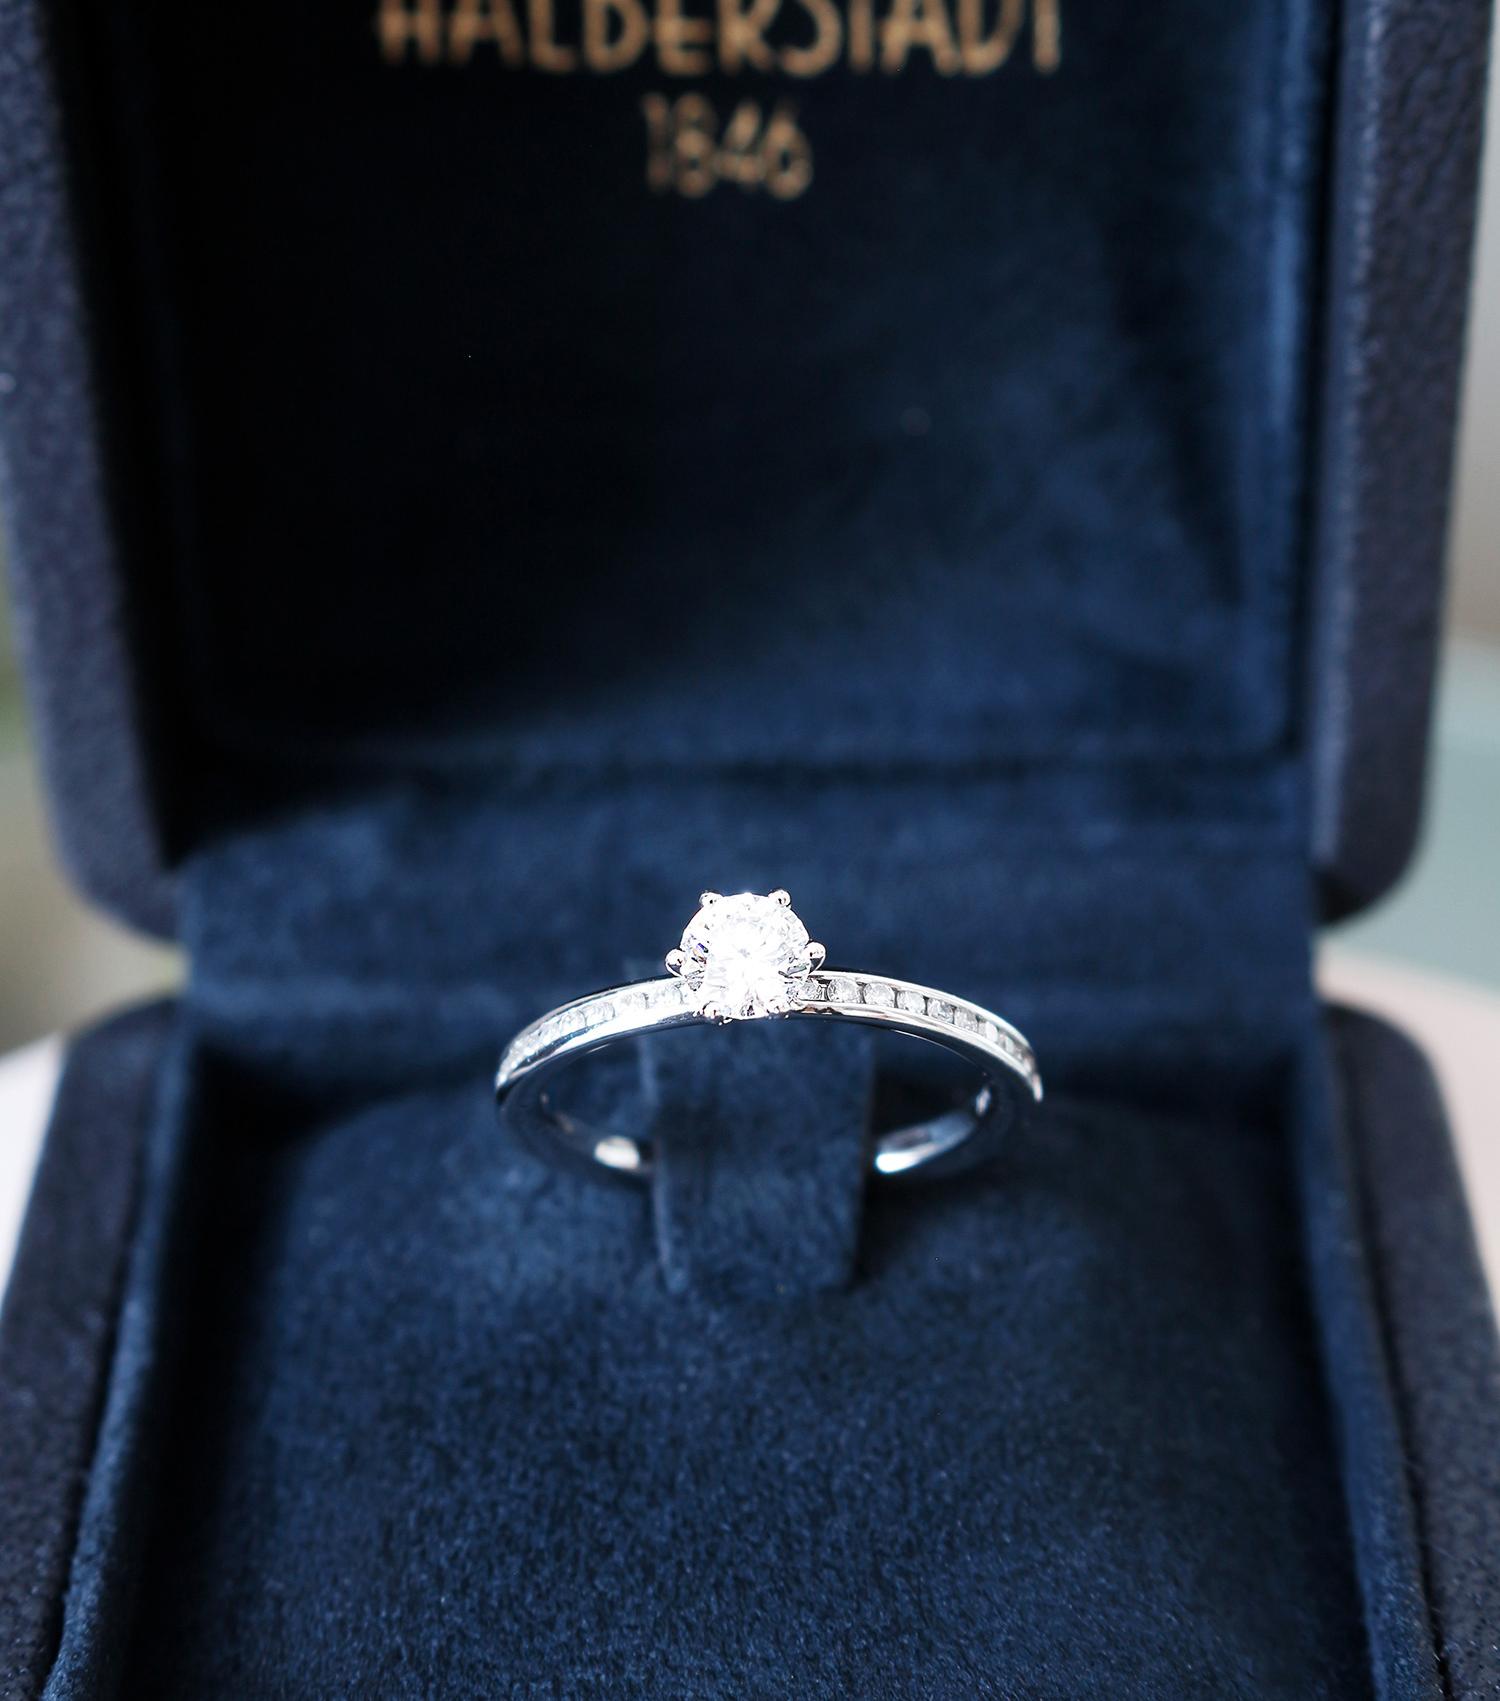 halberstadt ring